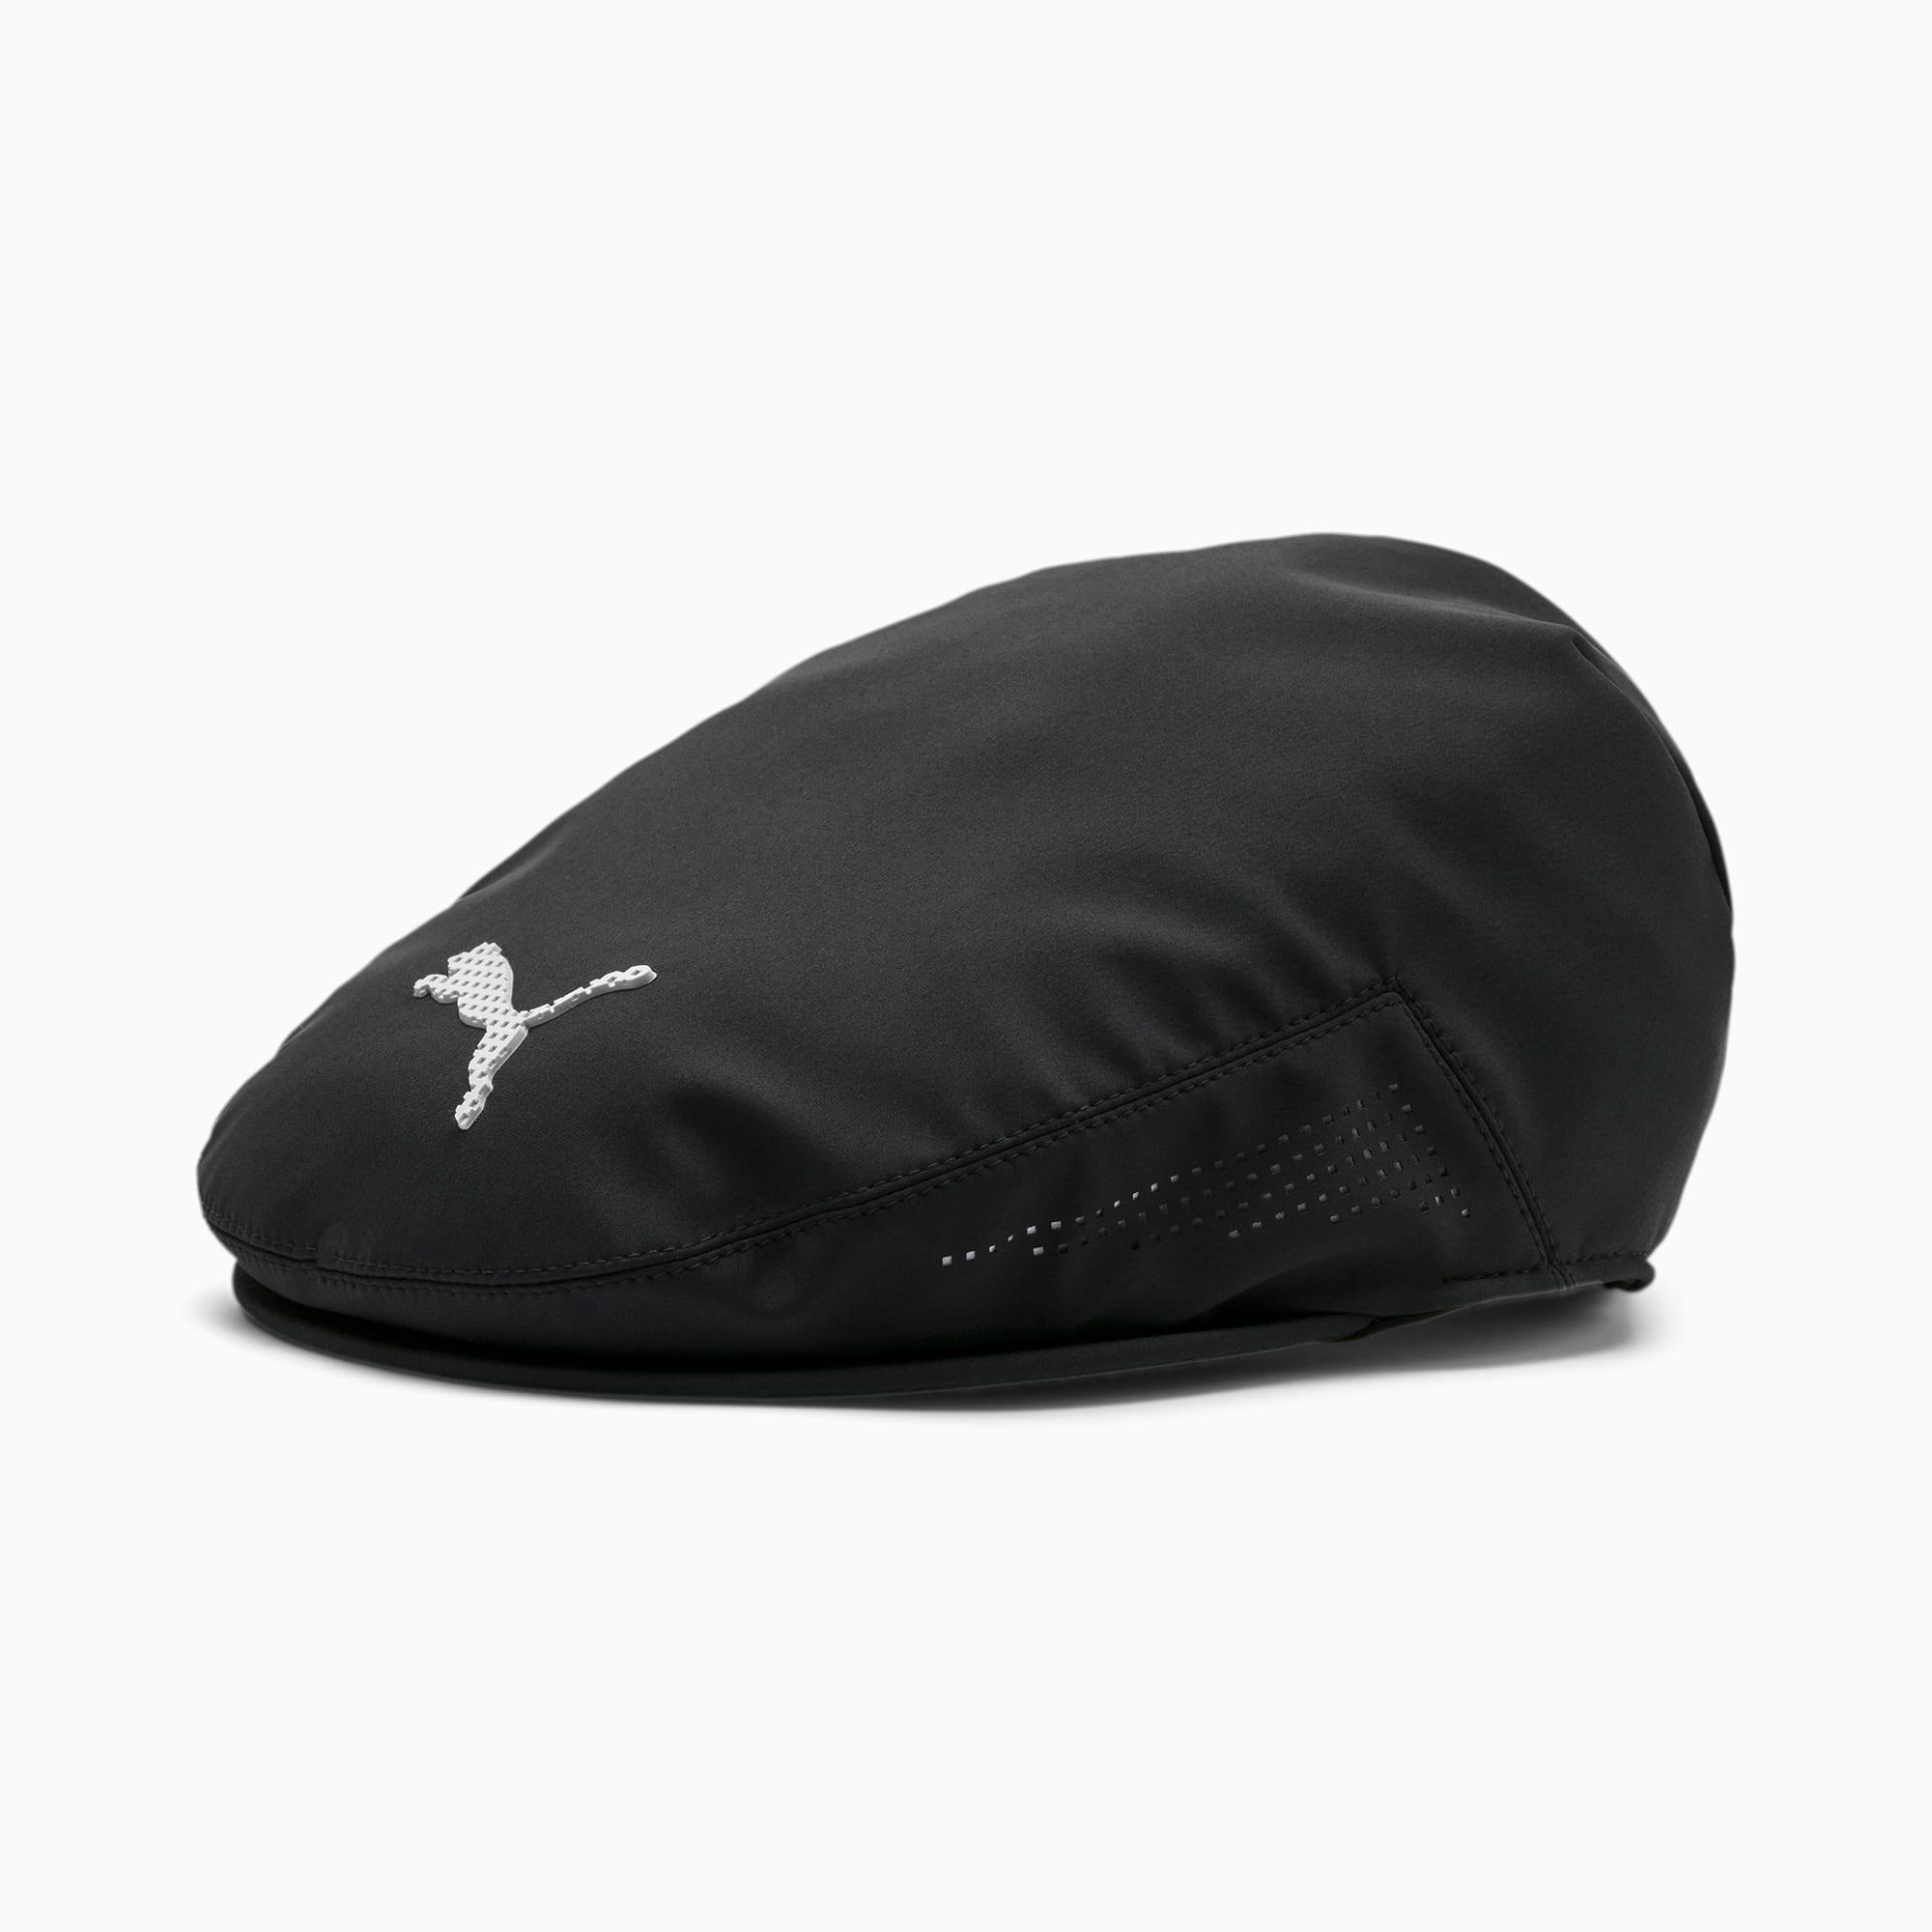 PUMA Casquette gavroche de golf Tour pour Homme, Noir, Taille S/M, Accessoires